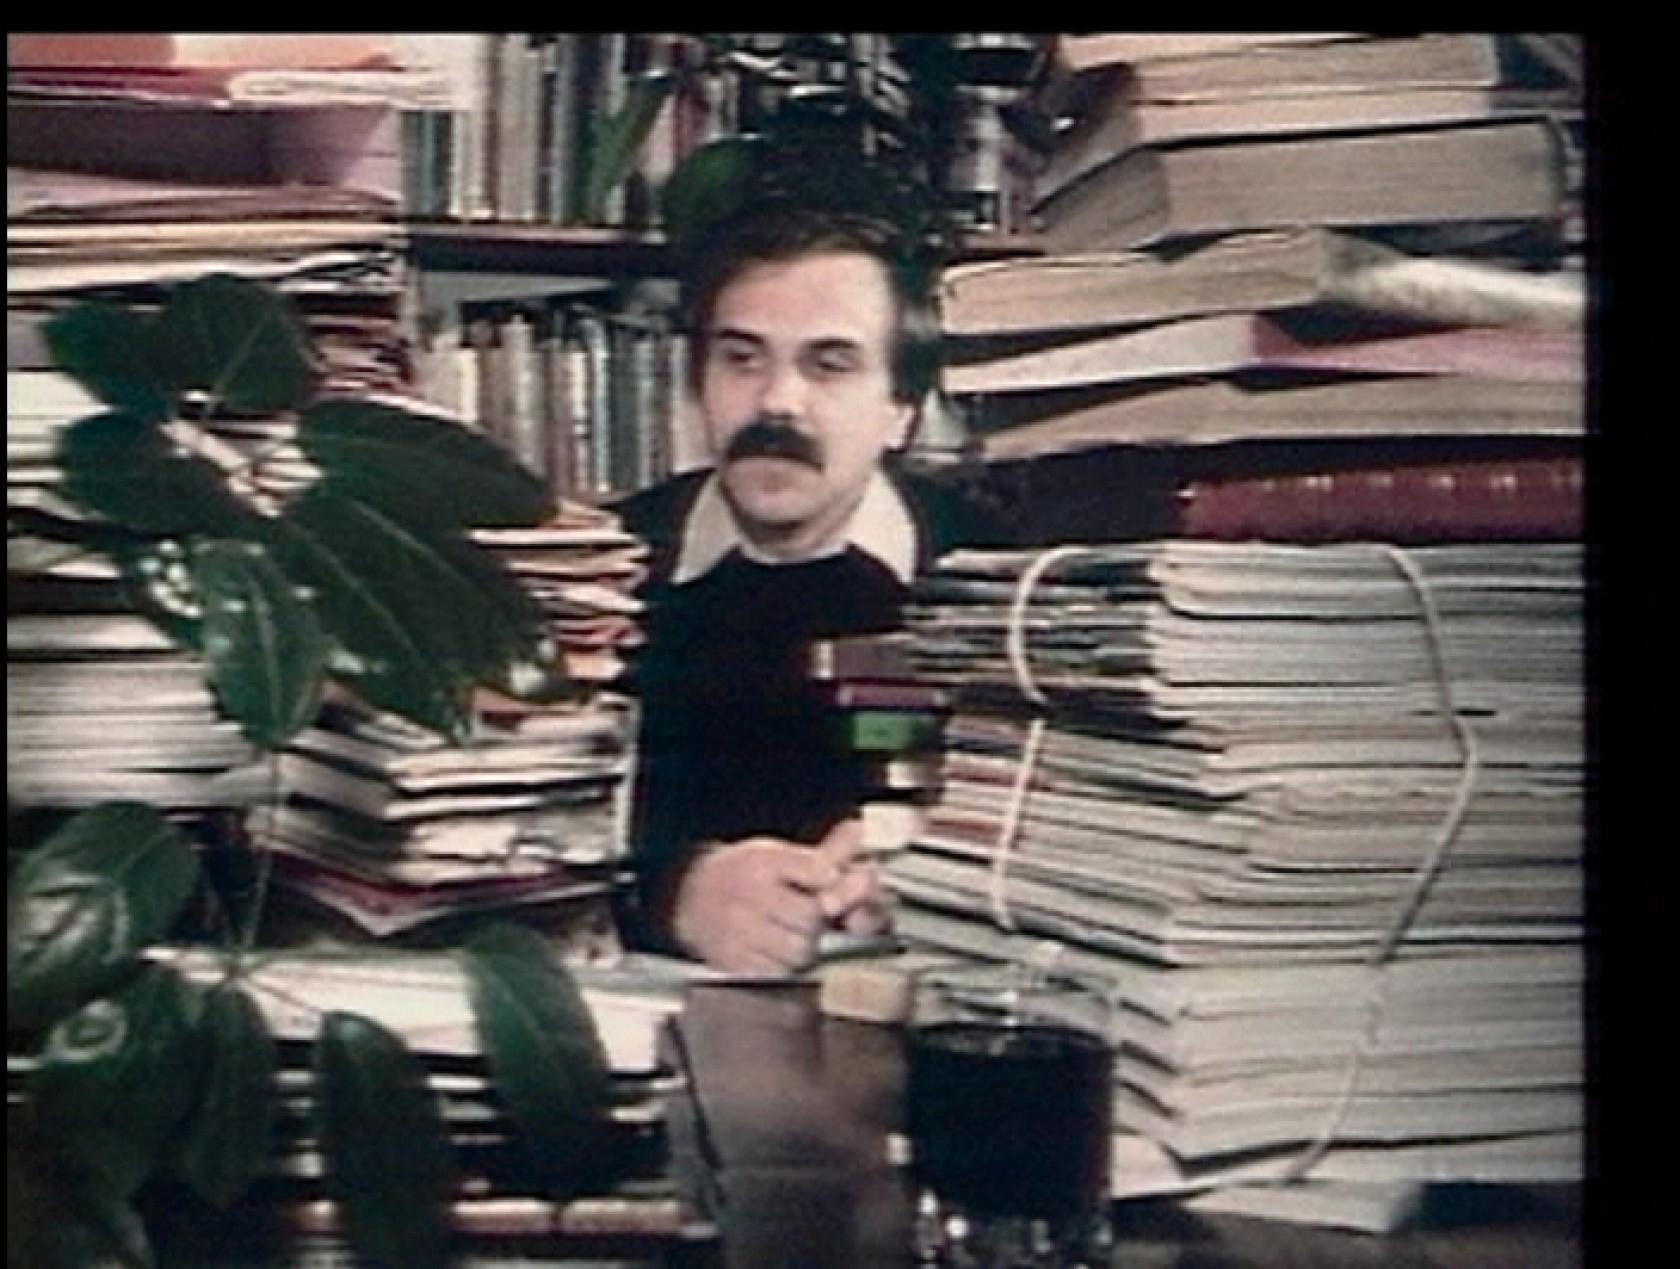 Raúl Ruiz, Le retour d'un amateur de bibliothèques (El regreso de un ratón de biblioteca/The Return of a Library Lover)